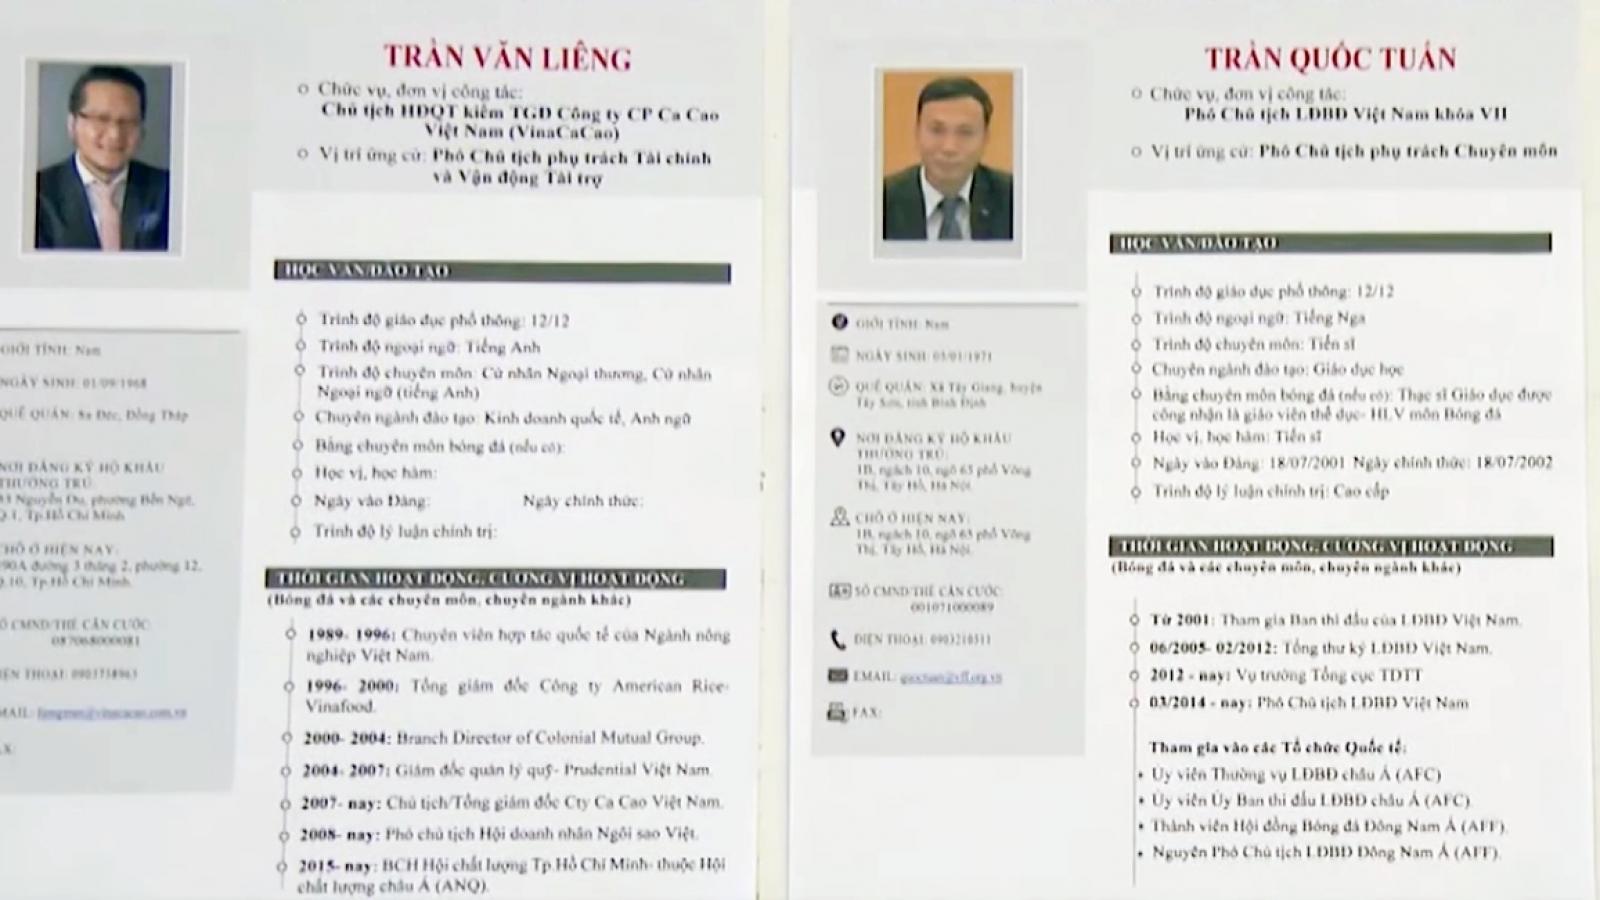 Những tiêu chí để trở thành Phó Chủ tịch phụ trách tài chính của VFF